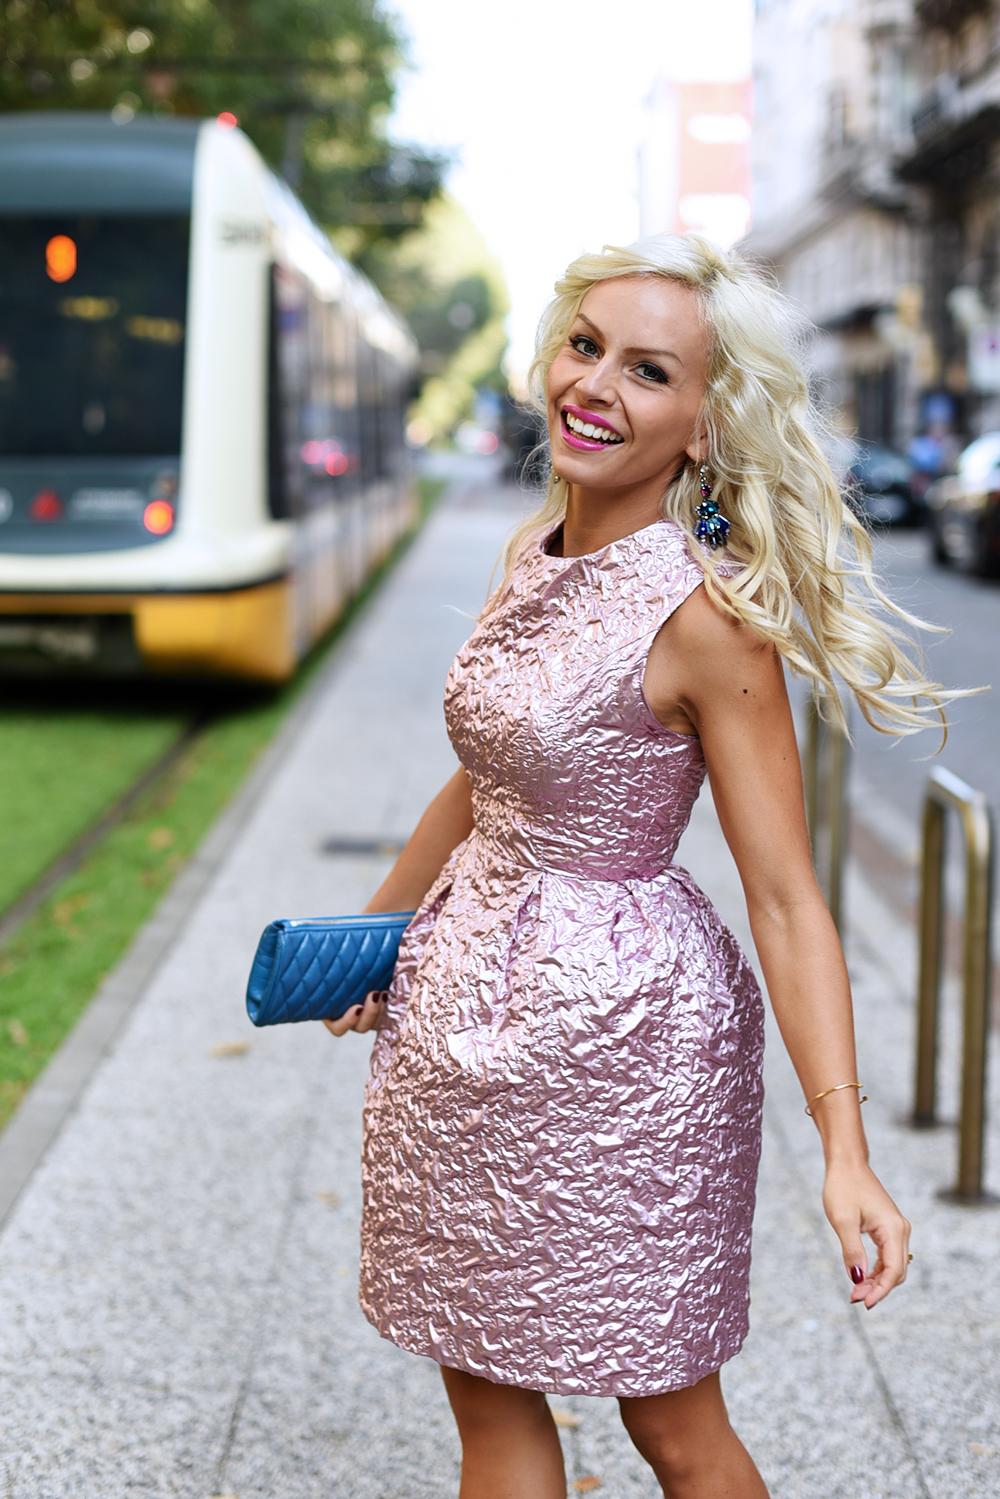 Giovanna Nicolai abiti cerimonie, Giovanna Nicolai vestiti, how to wear a pink dress, come indossare un vestito rosa, cosa abbinare ad un vestito rosa, Sergio Levantesi shoes scarpe - outfit fashion blogger It-Girl by Eleonora Petrella